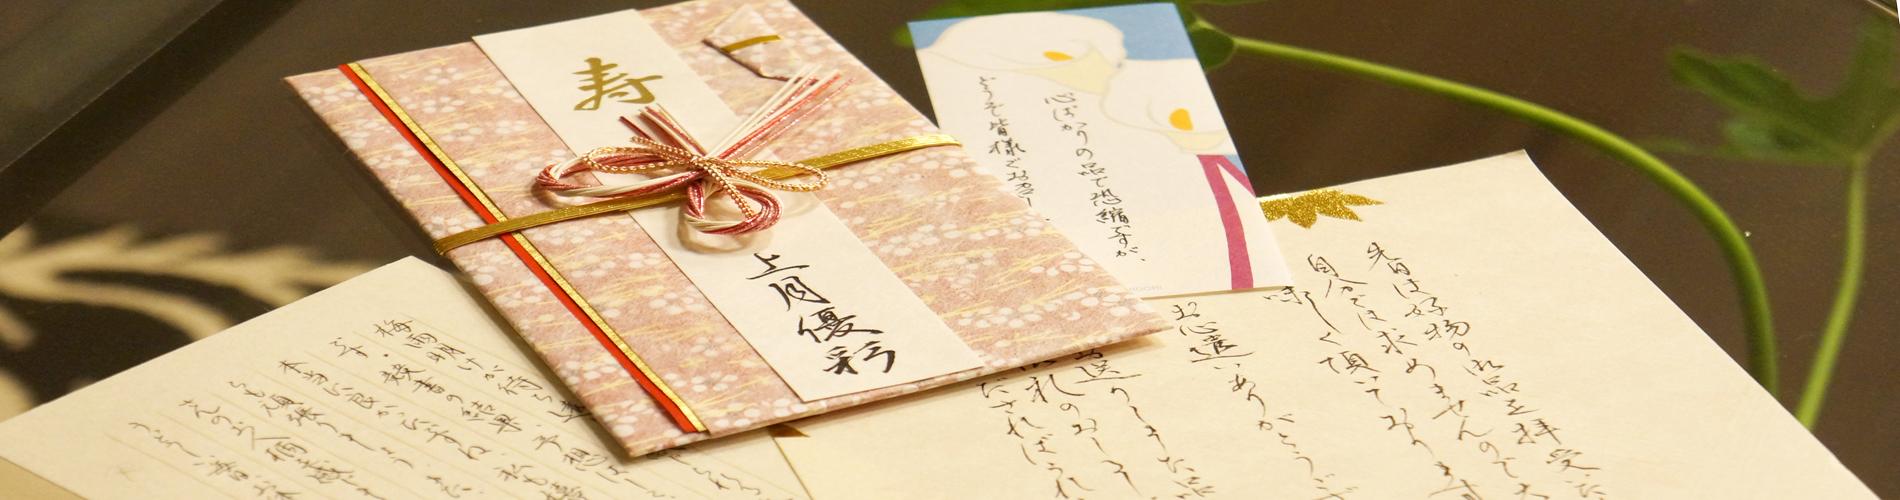 ペン習字 松山市 美文字 作品5